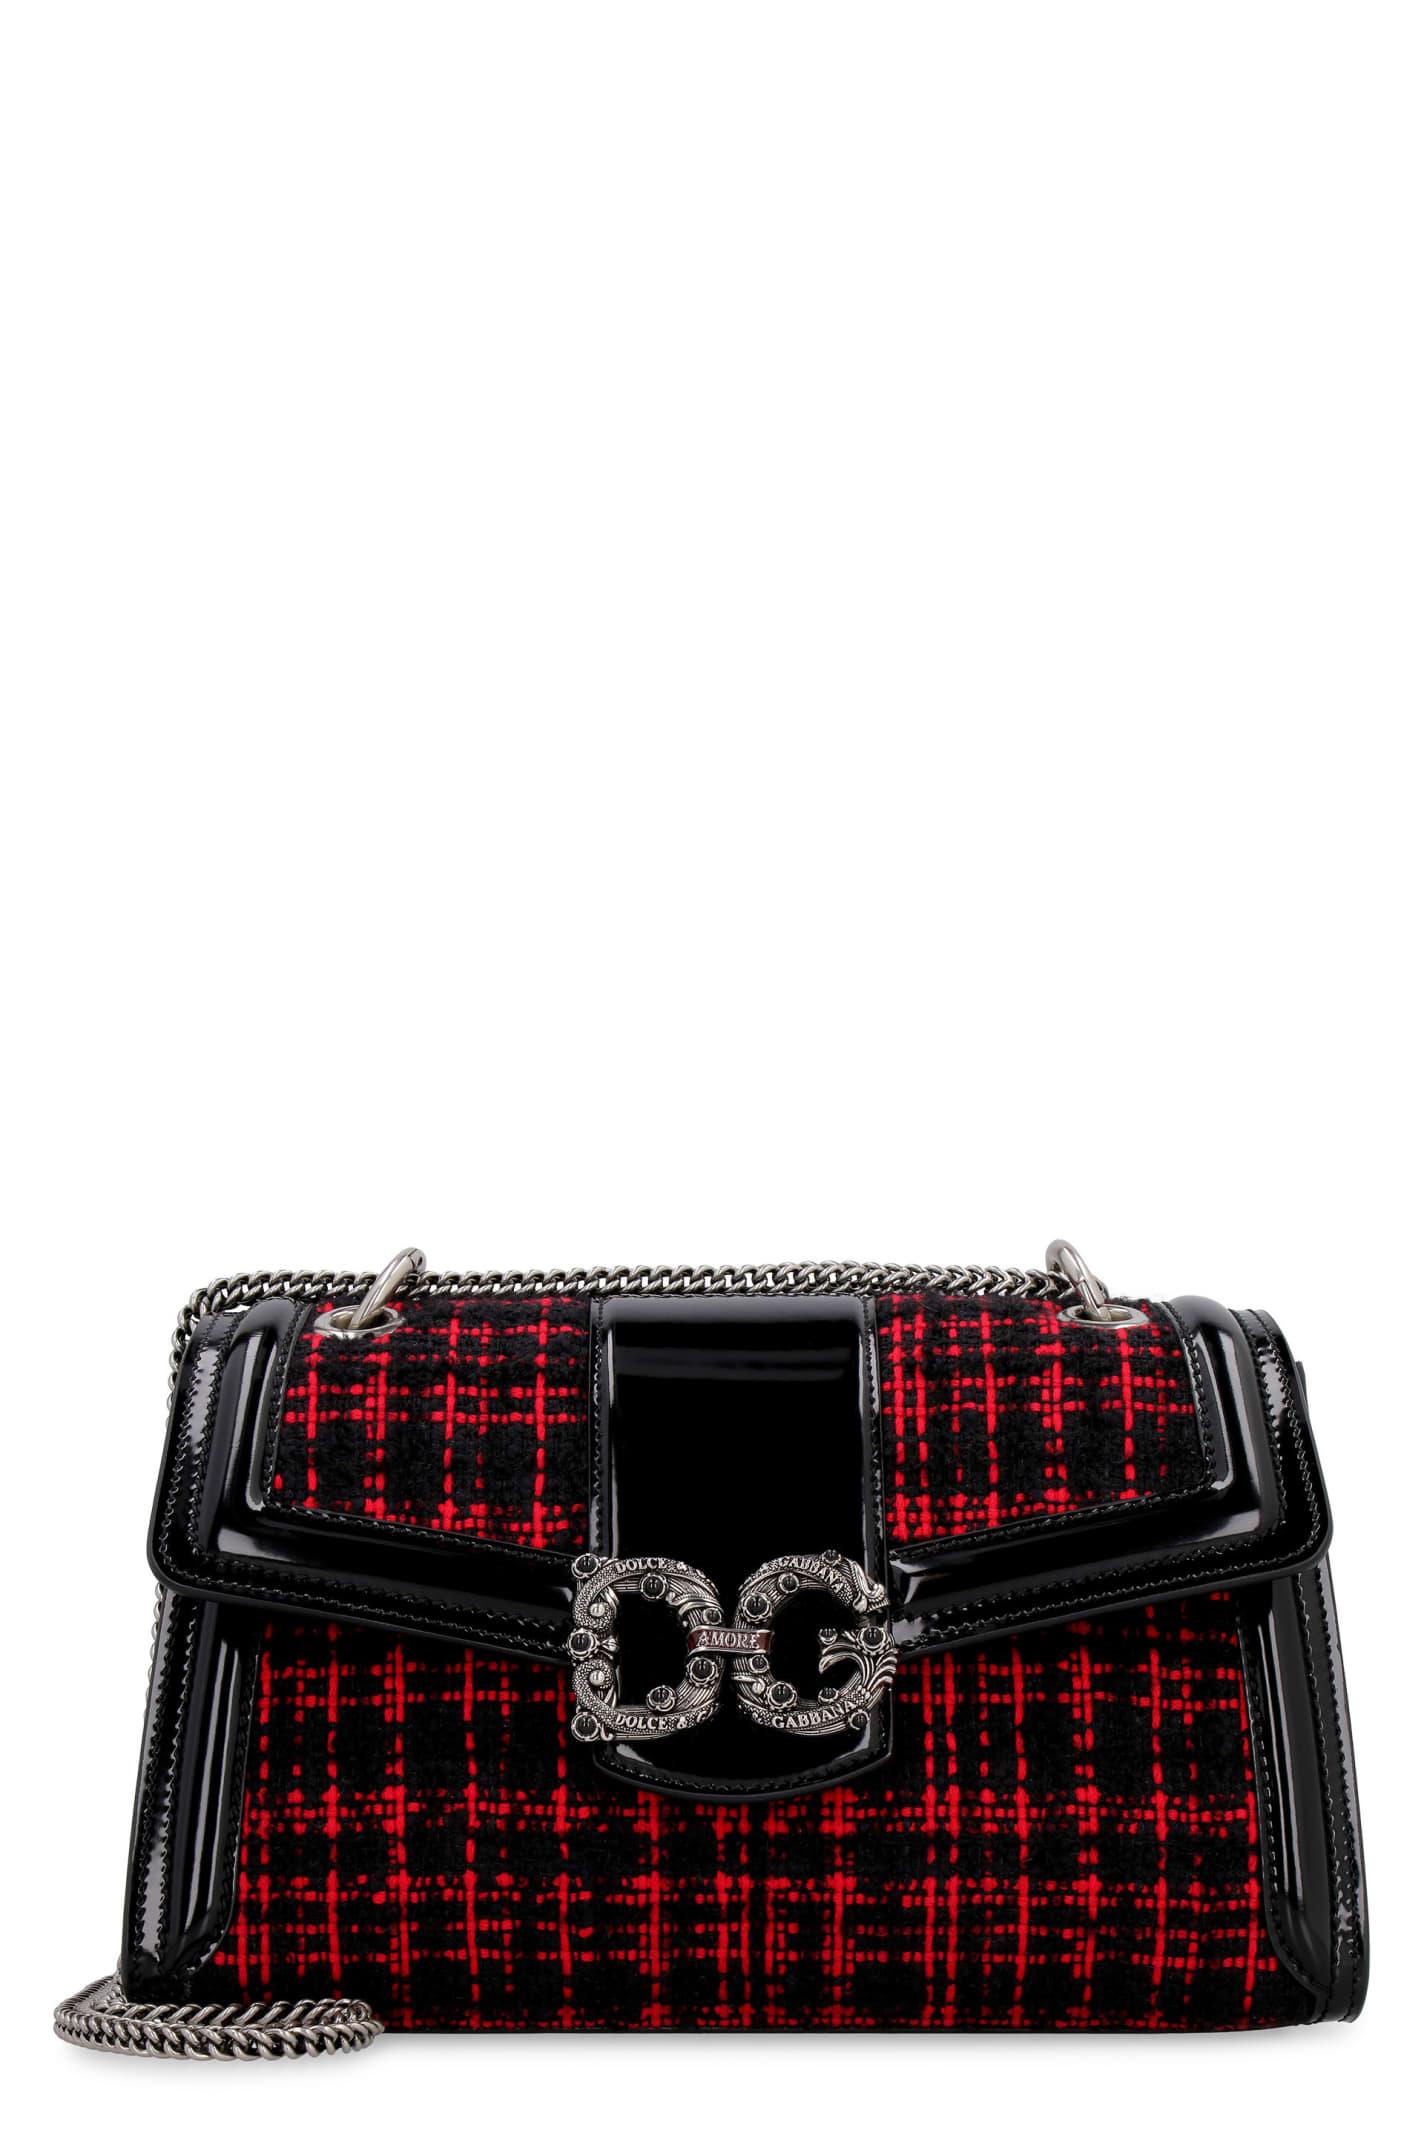 Dolce & Gabbana DG AMORE TWEED SHOULDER BAG